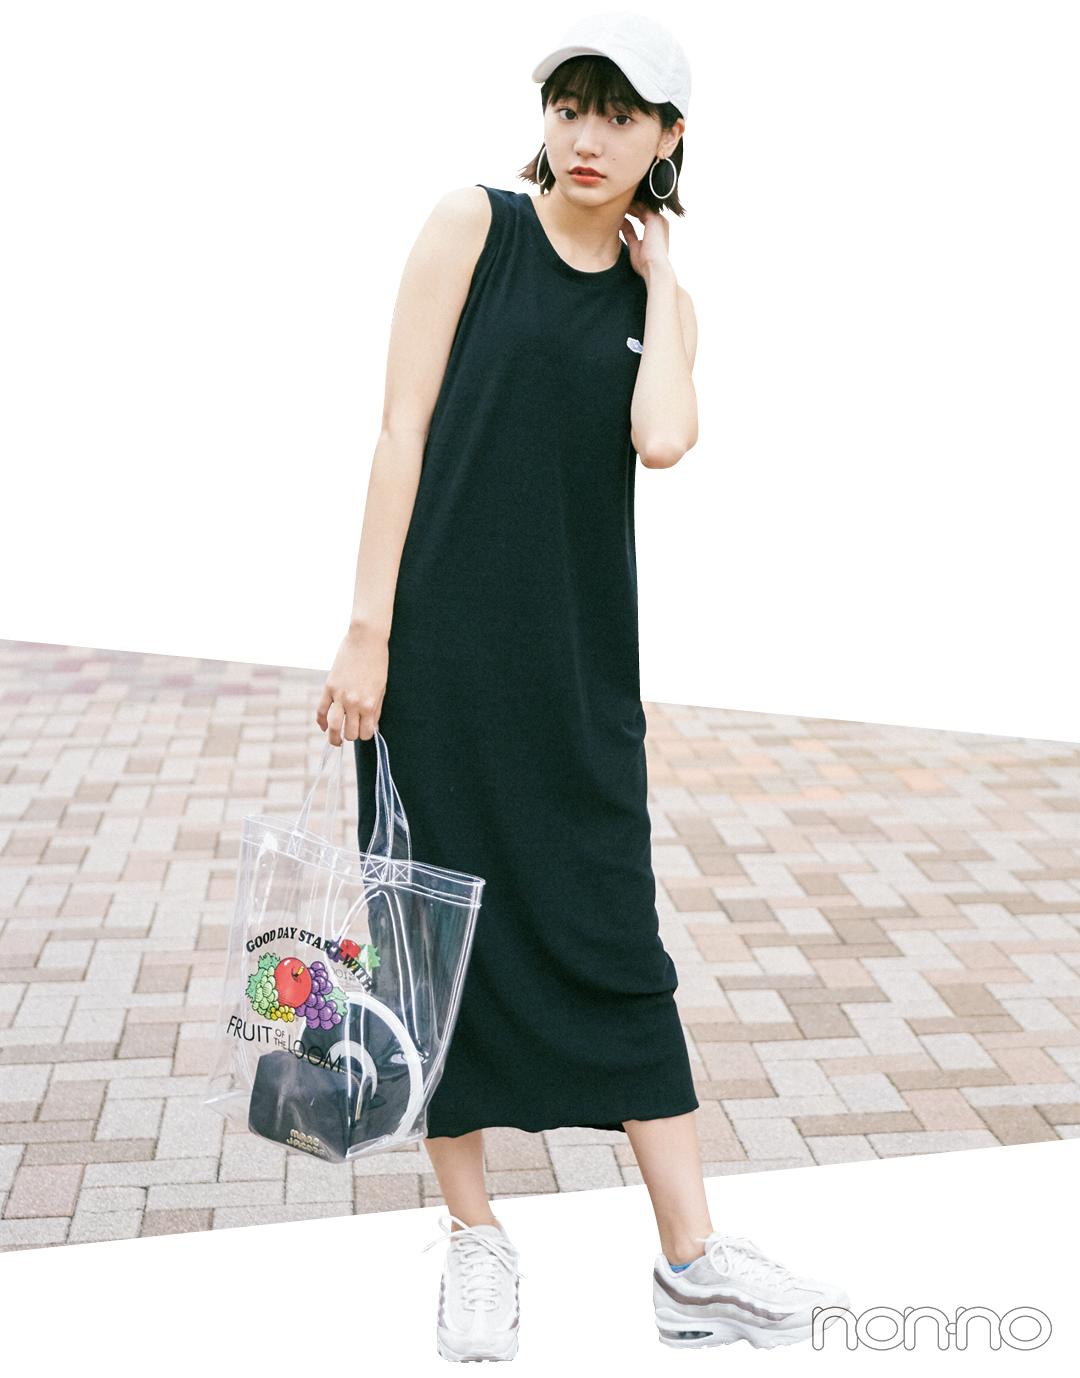 楽で可愛い旅服、きれい色ワンピの選び方etc.…ノンノモデルが夏コーデの悩みにお答え!_1_2-4